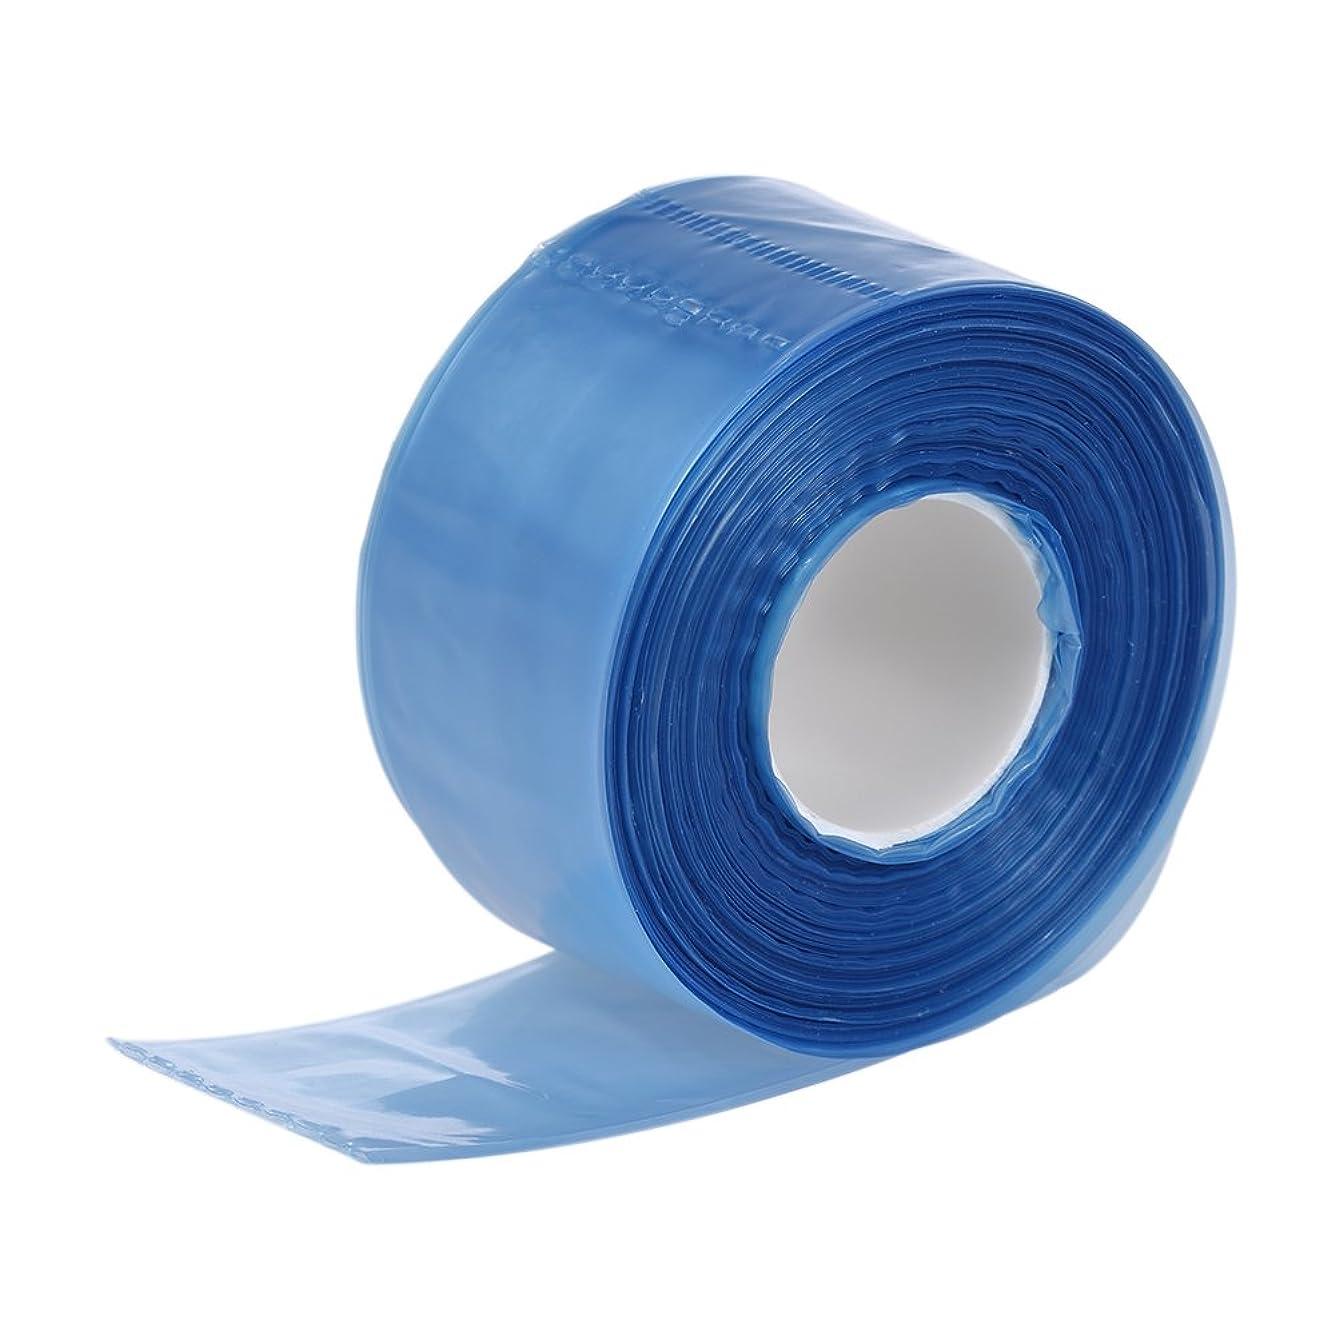 カップル海嶺おDecdeal 200pcs / ボックス メガネの足のためのプラスチック 使い捨てのカバー 細長い袋の髪の着色染色DIYツール